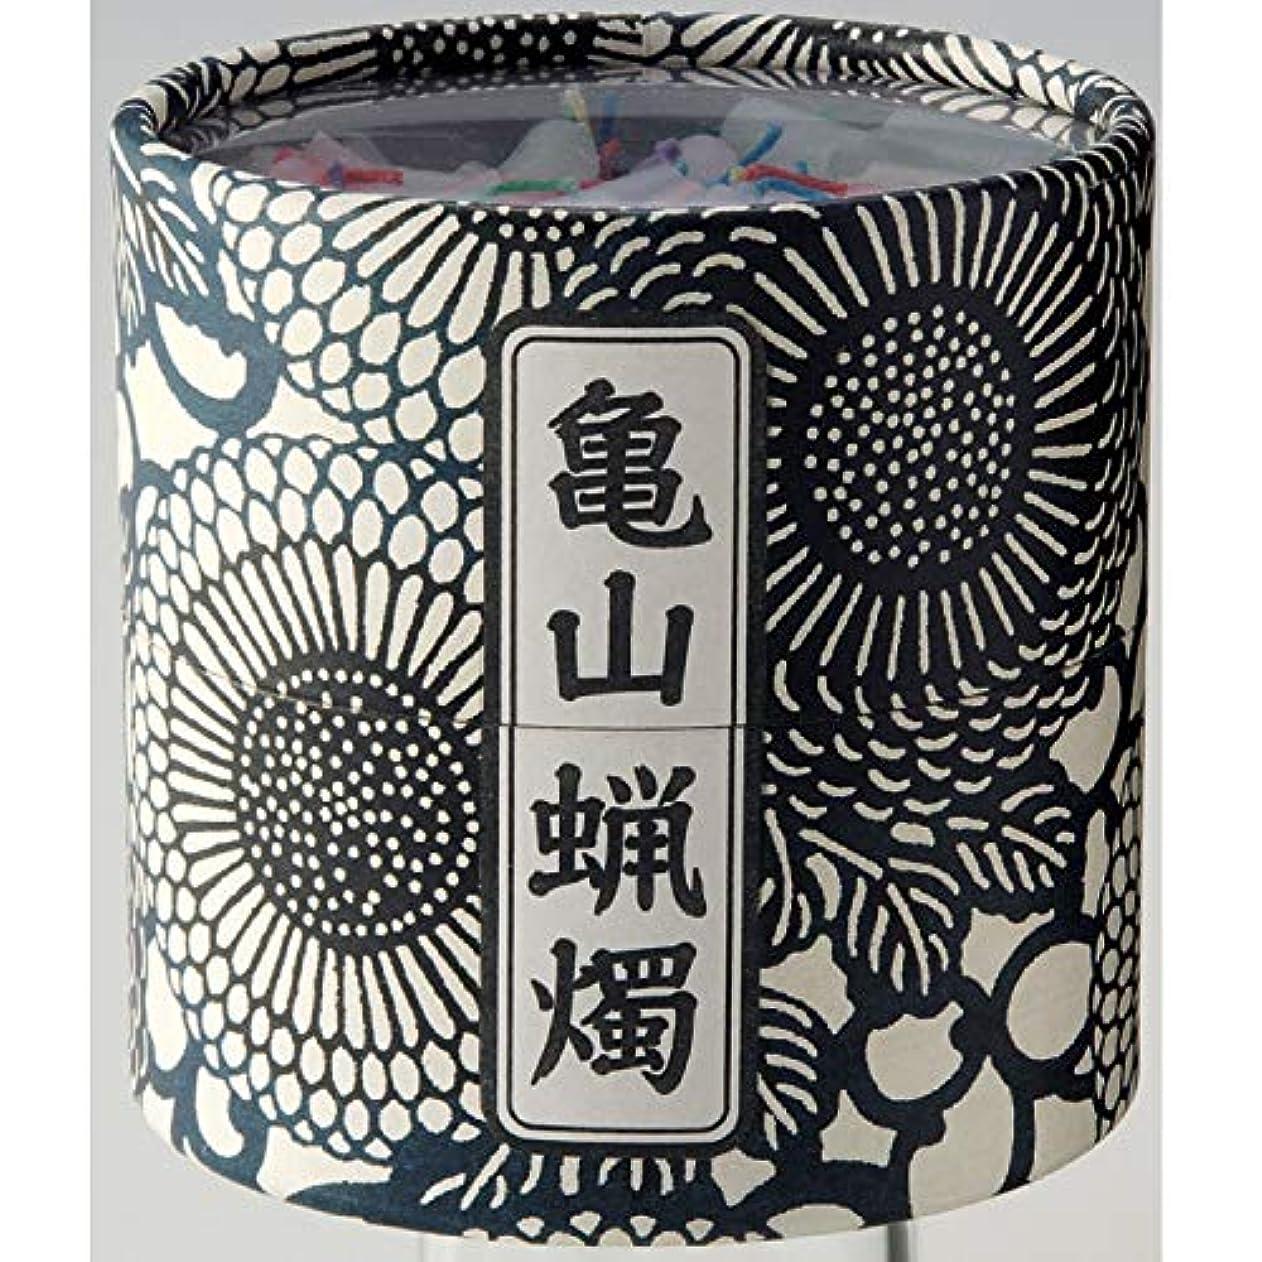 死ぬ銀行モルヒネ亀山五色蝋燭(ローソク)約300本入り